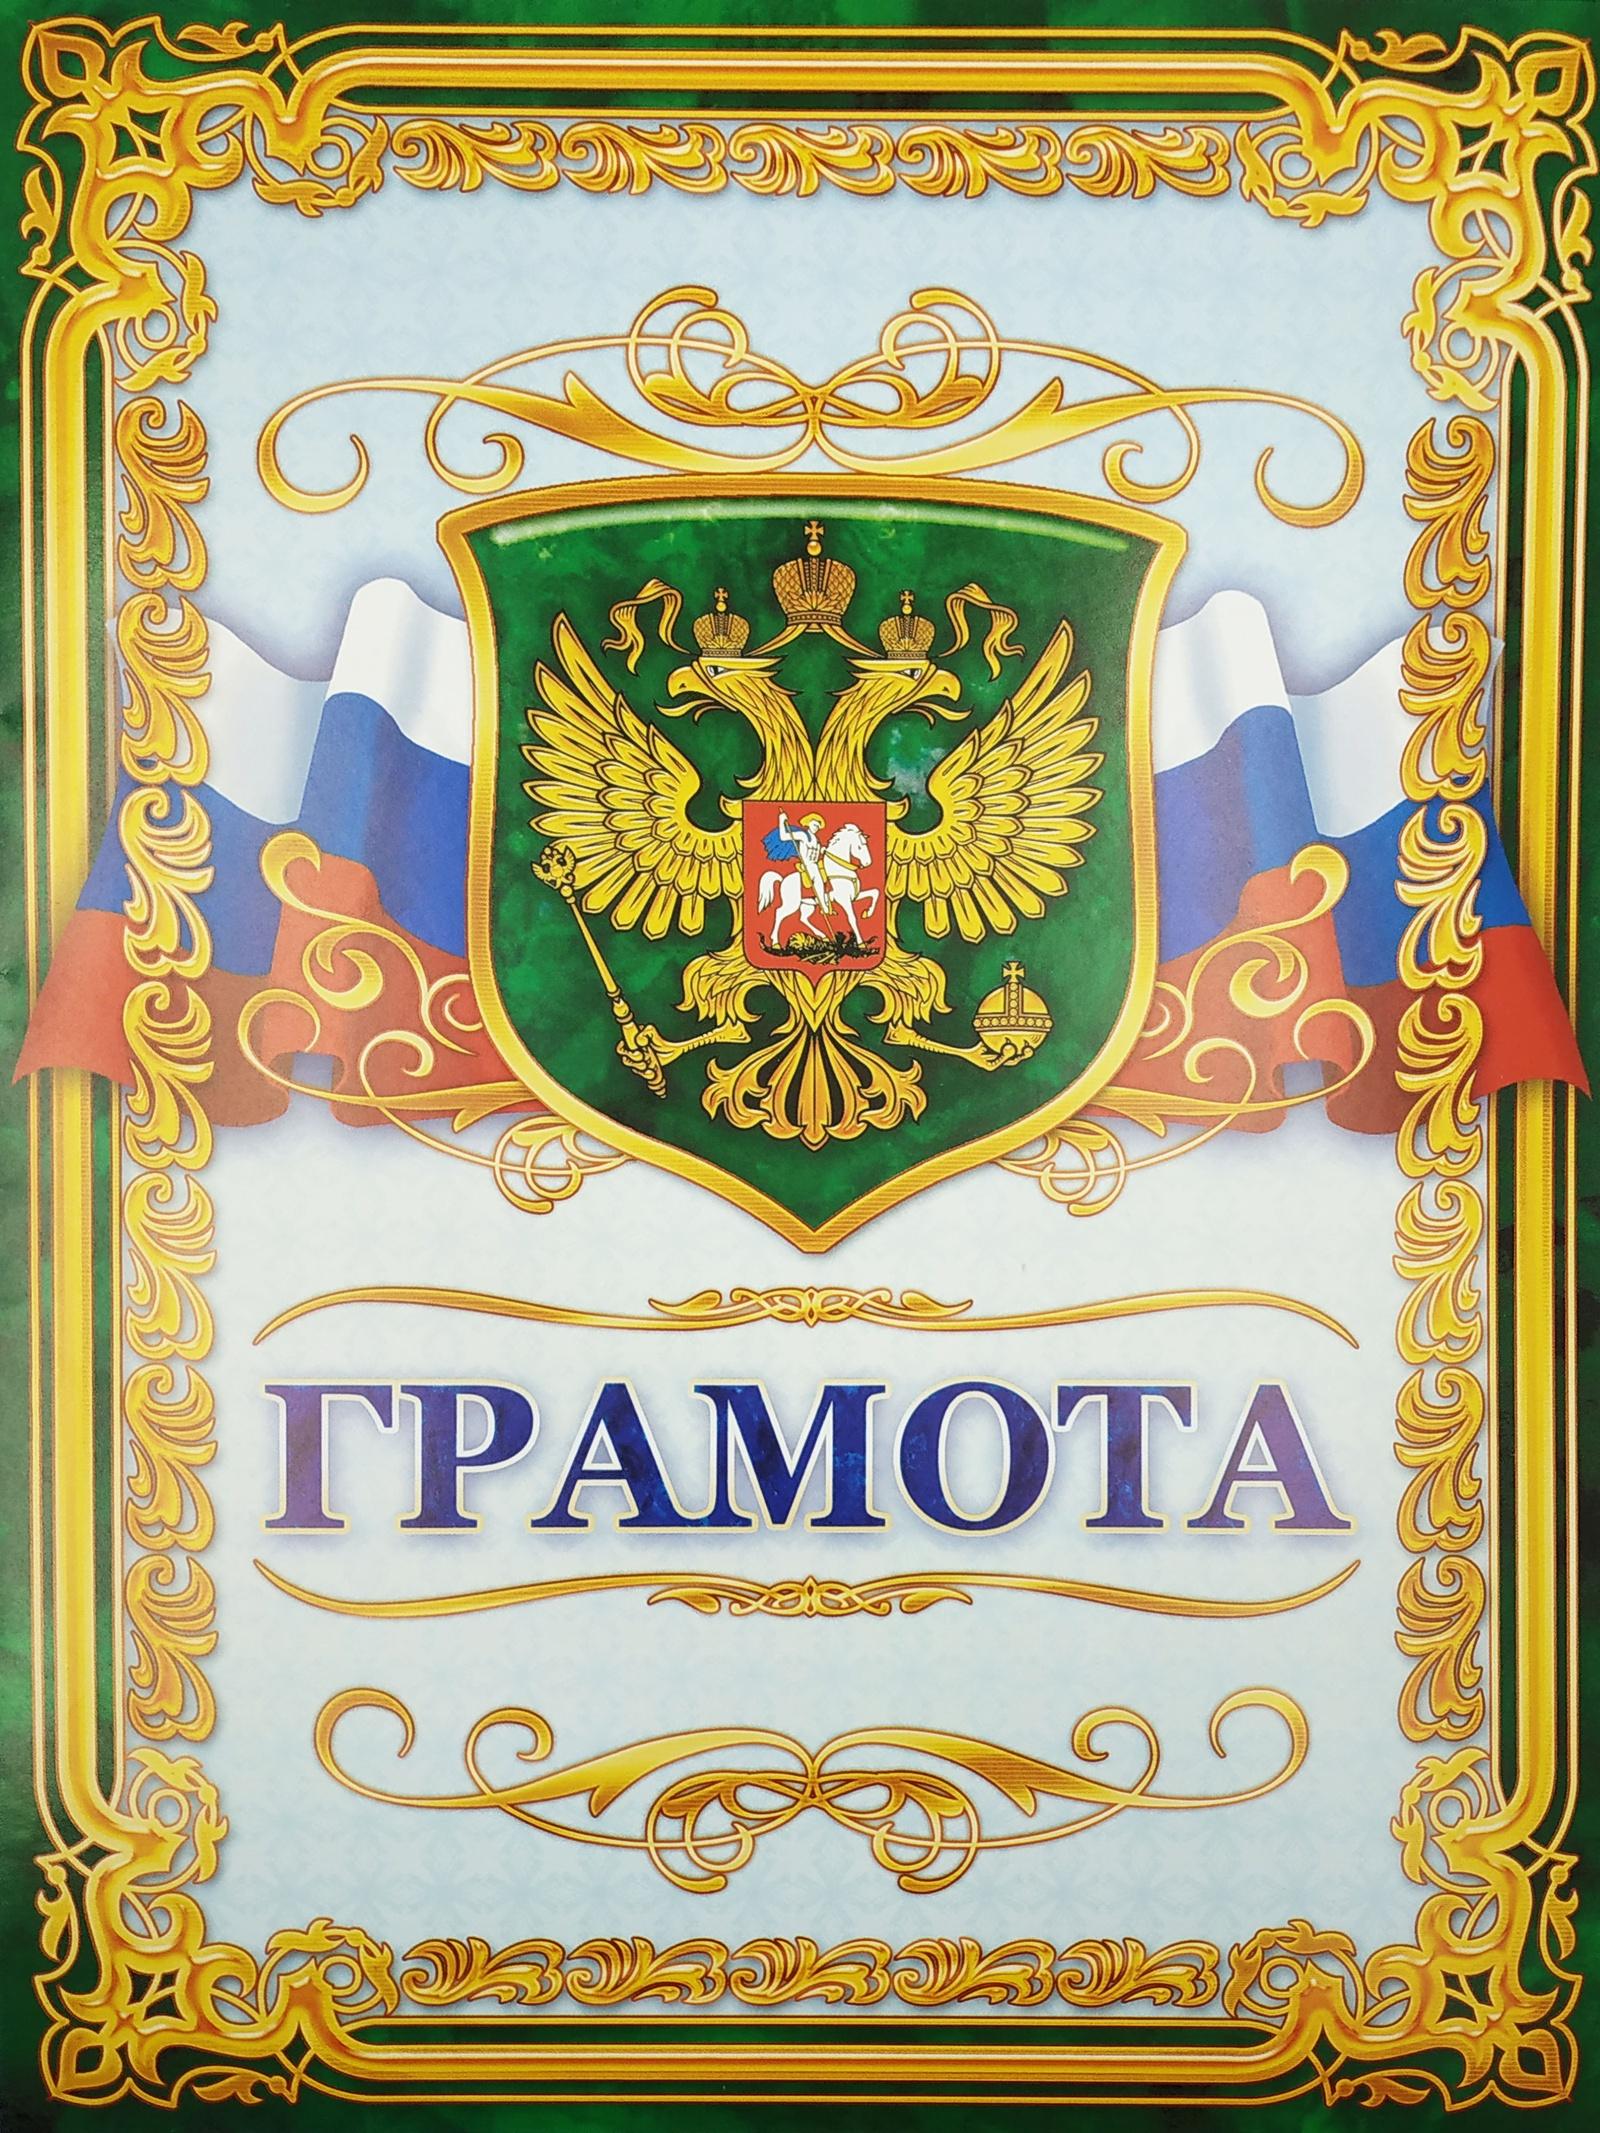 Бланк для грамоты ЛиС Двойные грамоты6967Грамота подходит для вручения организациям, государственным служащим. Выполнена из картона с яркой, насыщенной печатью. Плотность картона 190 г/м.